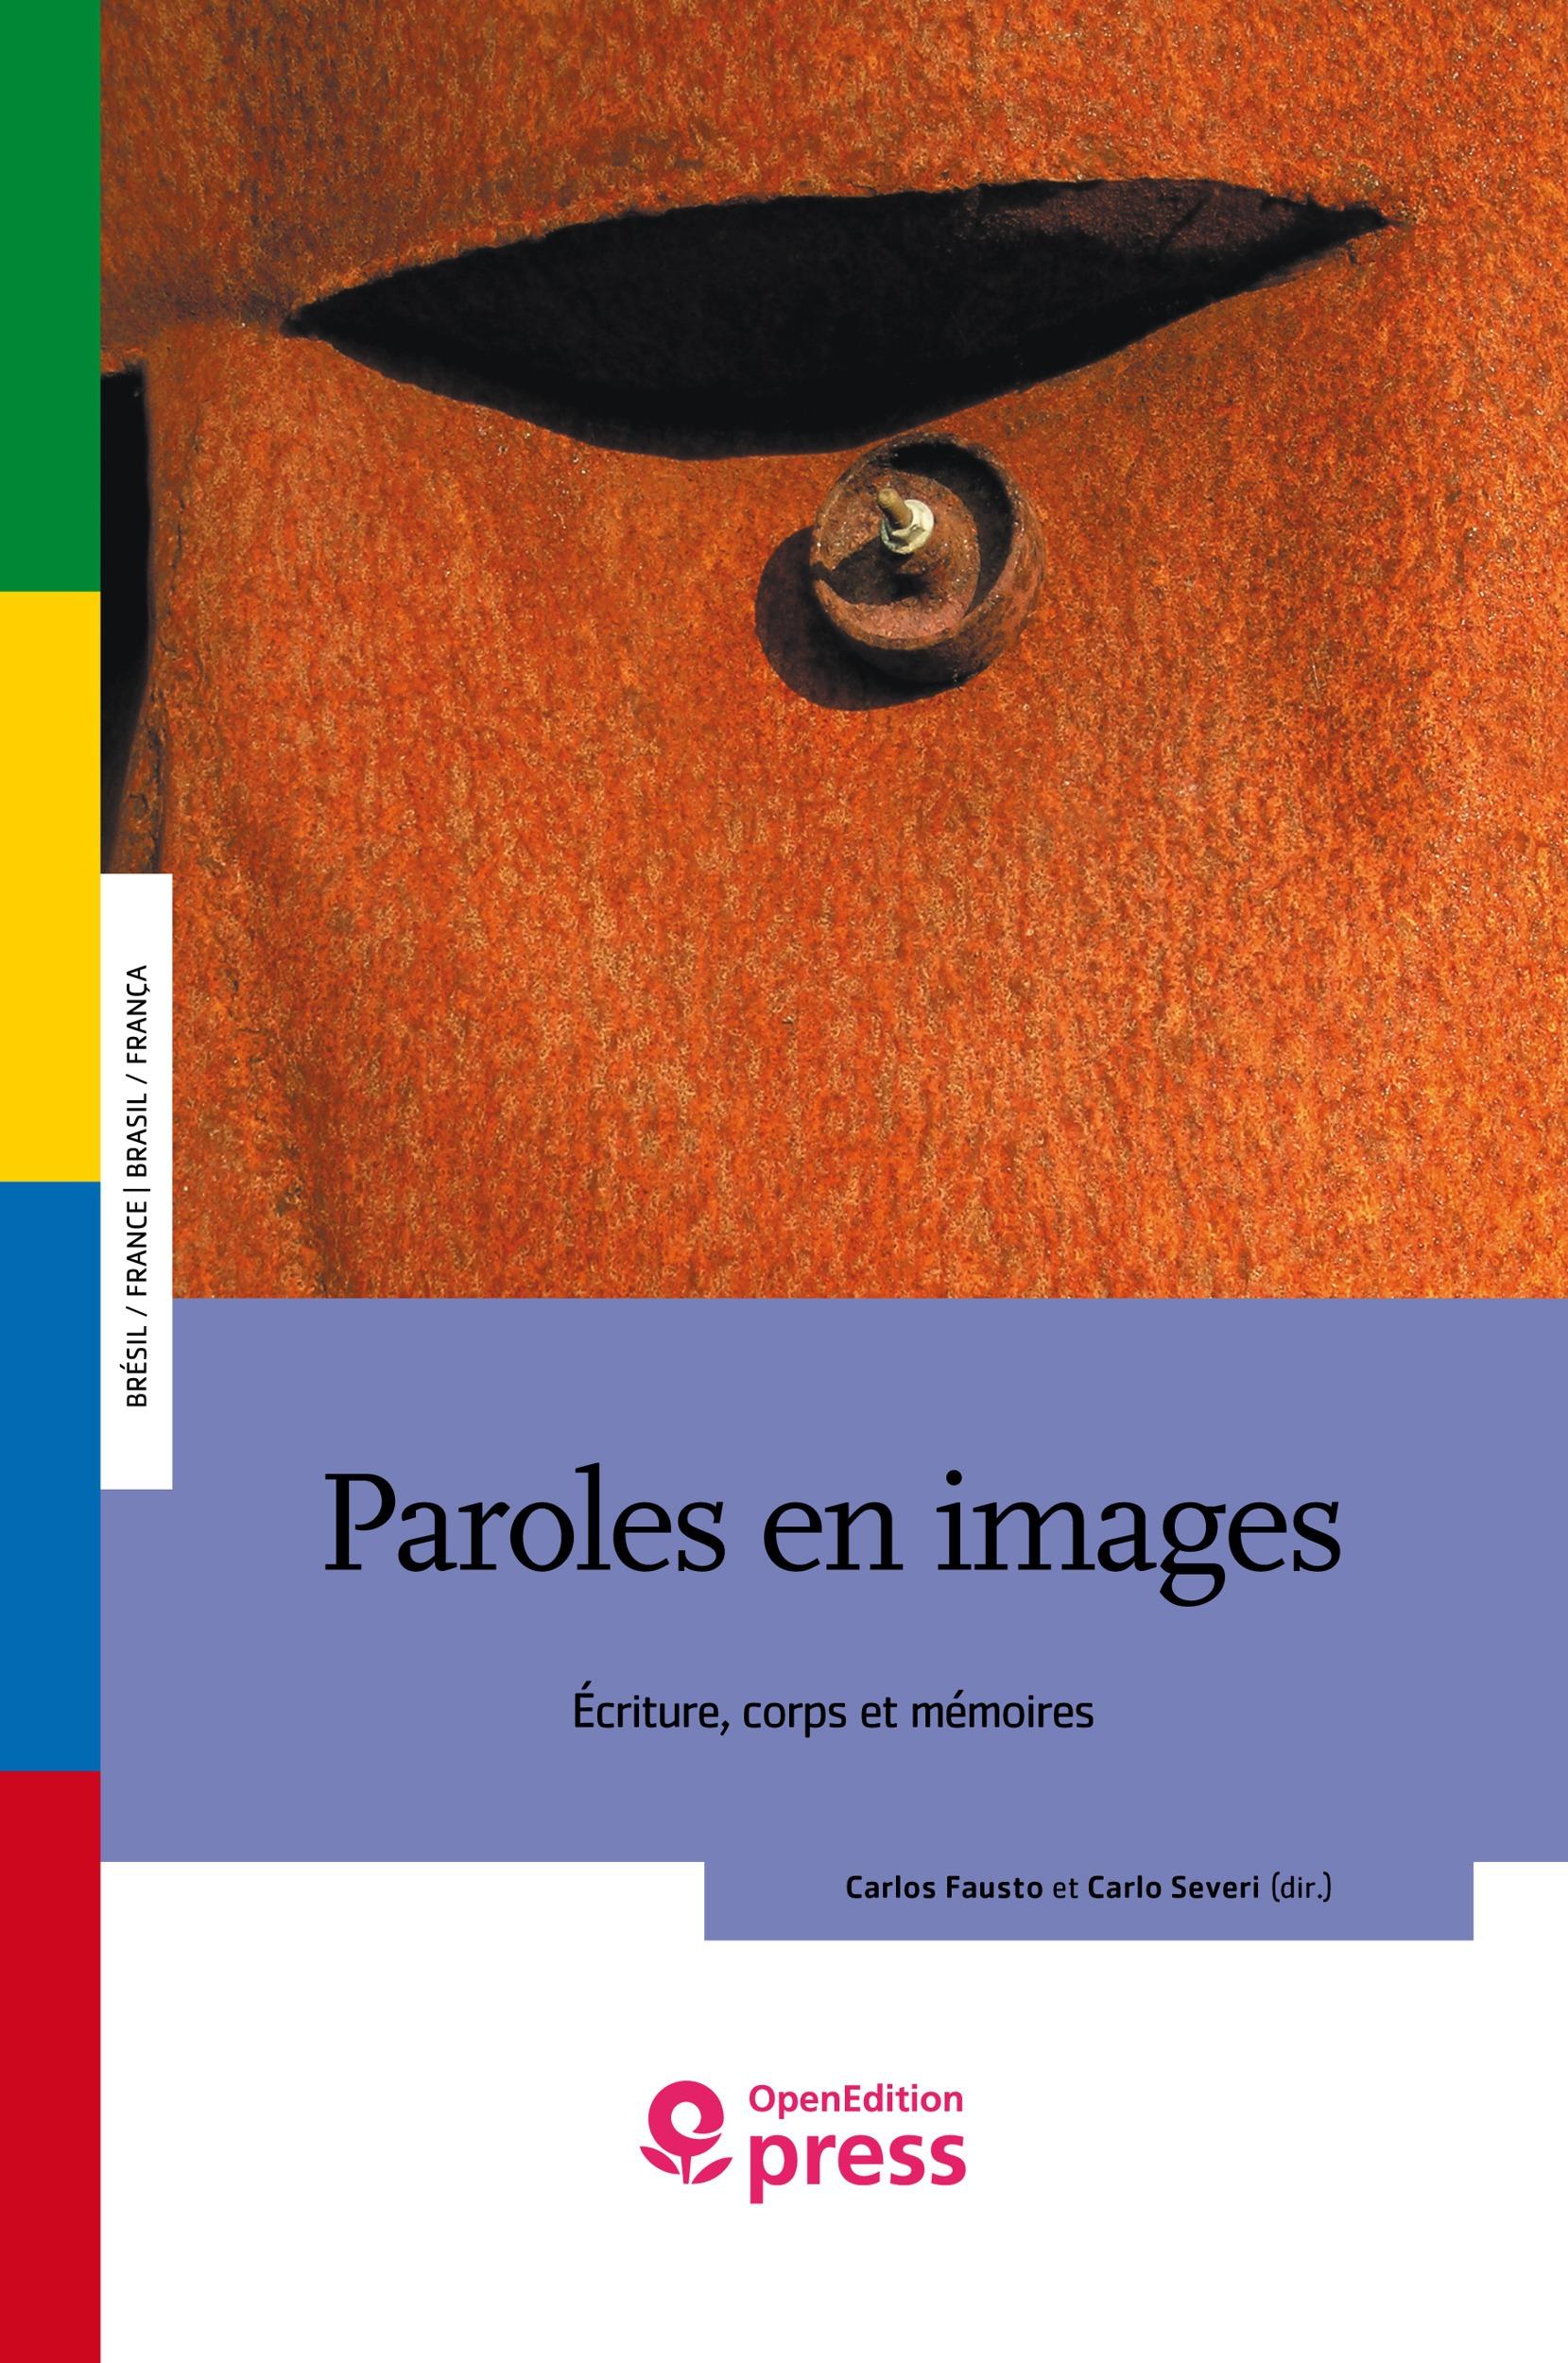 Paroles en images